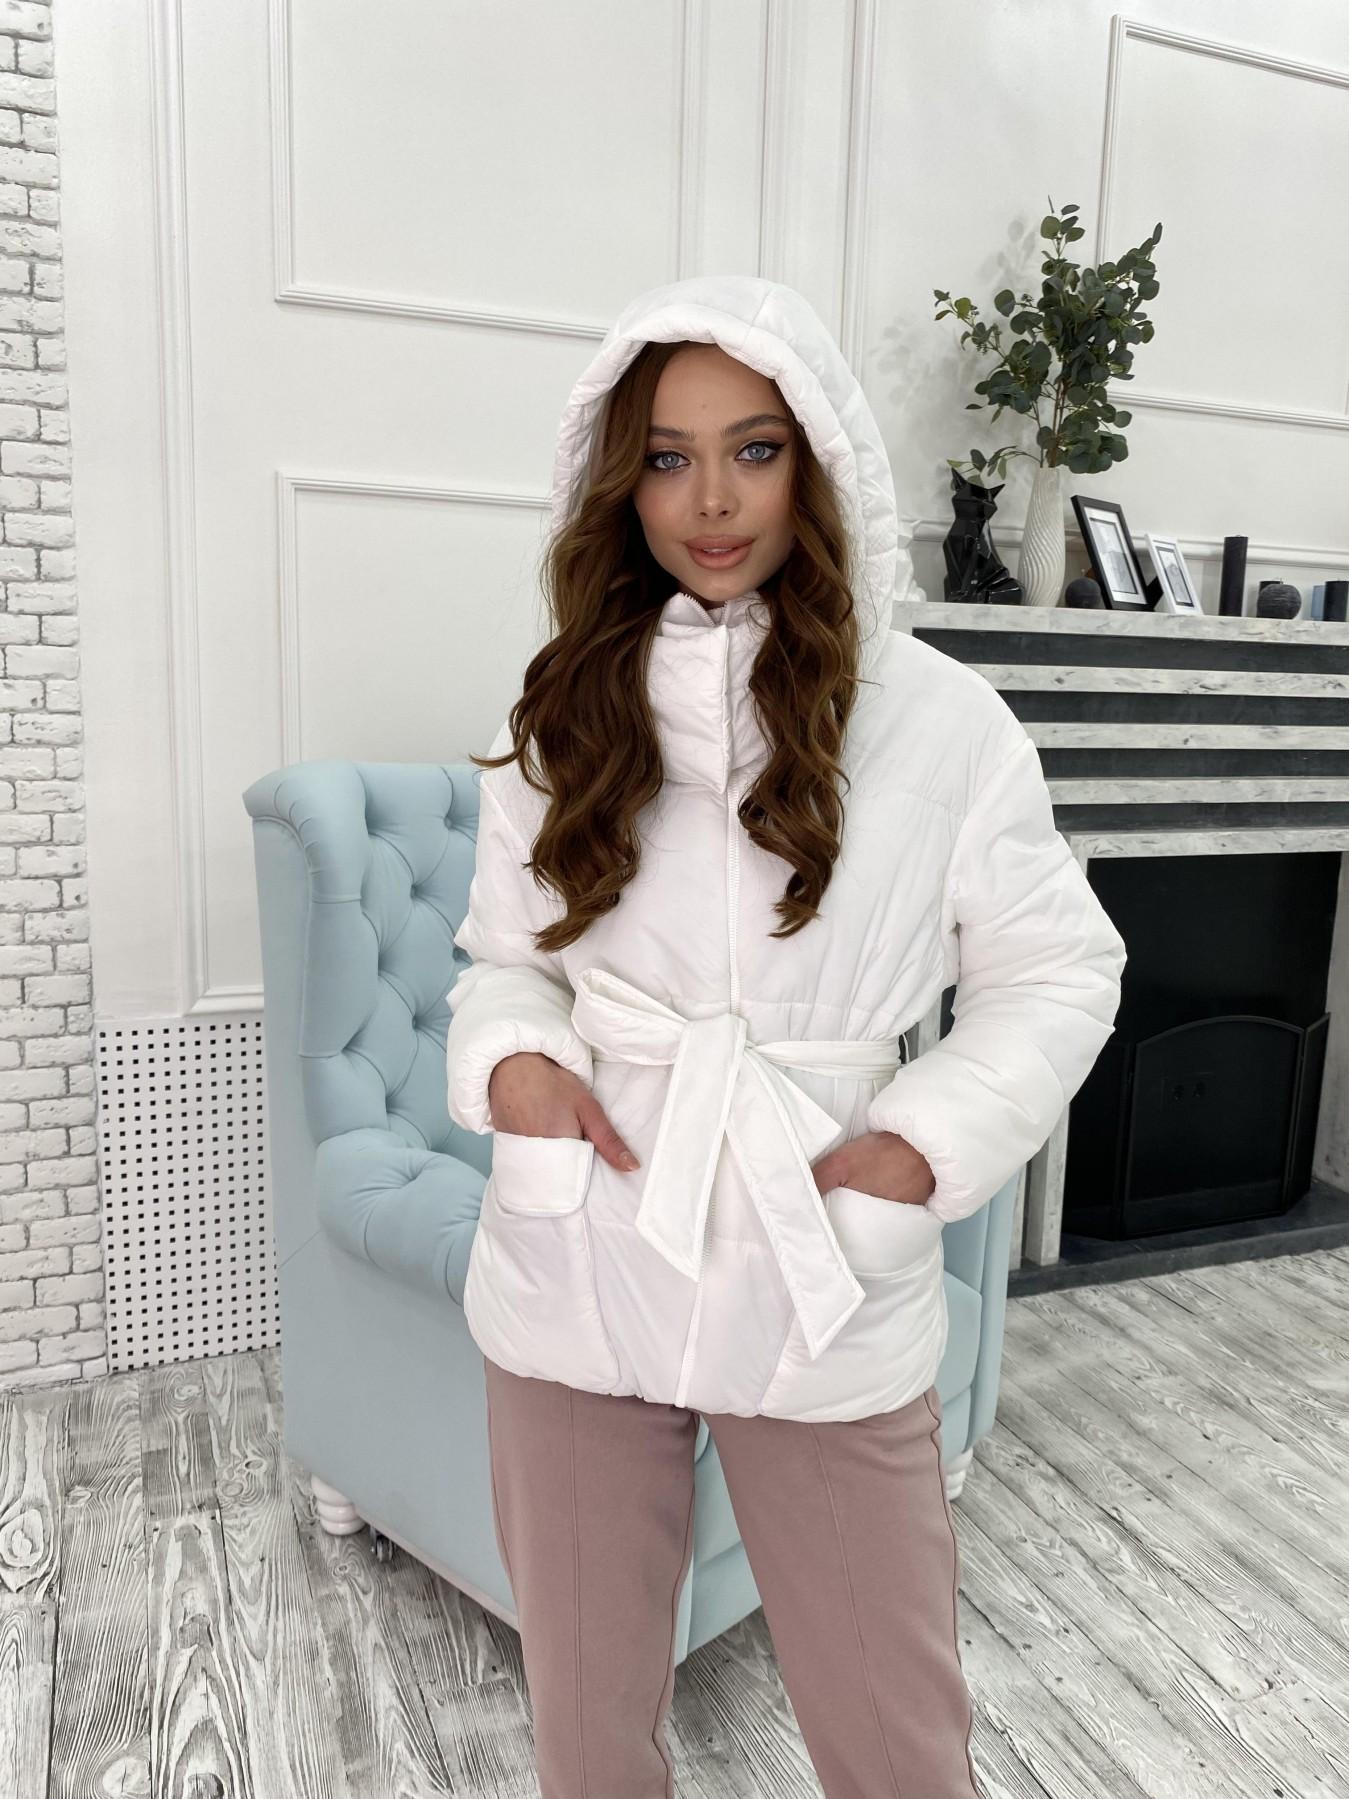 Док куртка из  плащевки Ammy 10822 АРТ. 47311 Цвет: Белый - фото 4, интернет магазин tm-modus.ru